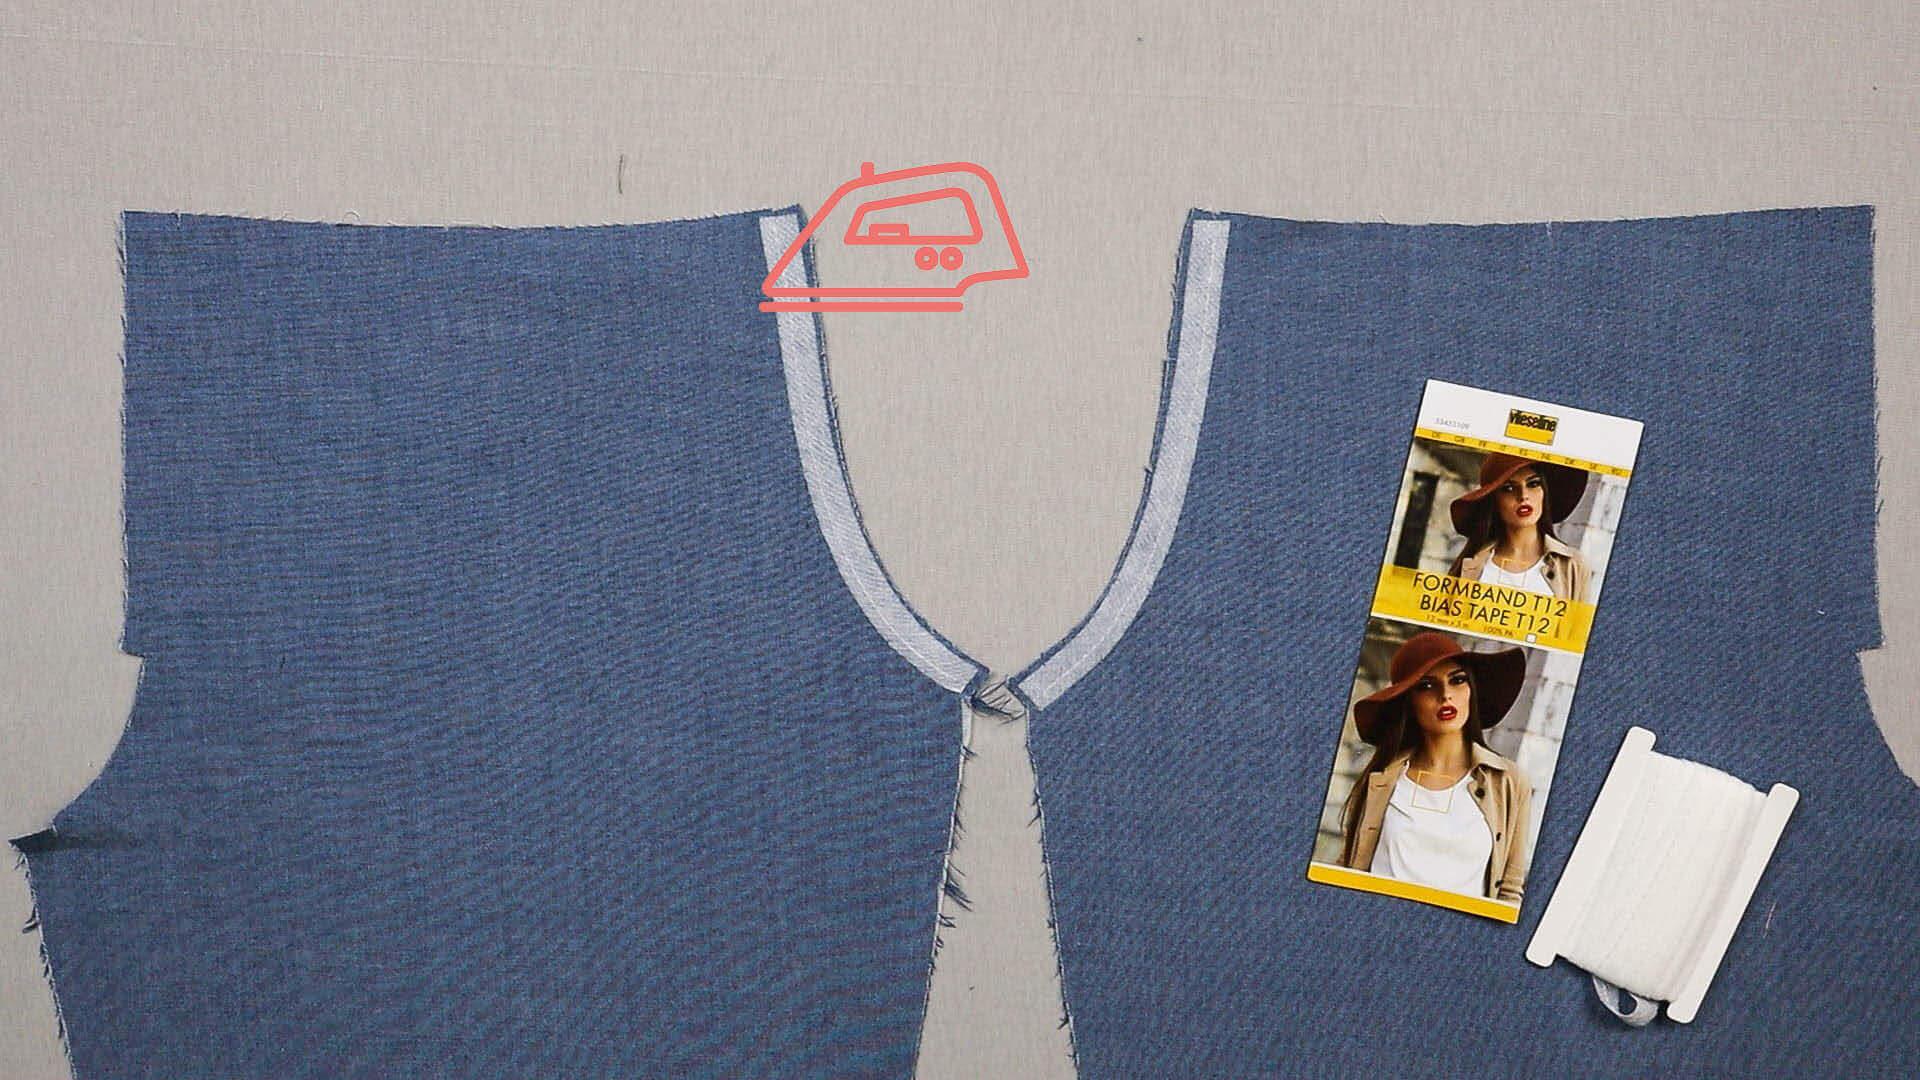 Tascheneingriff mit Kantenband sichern